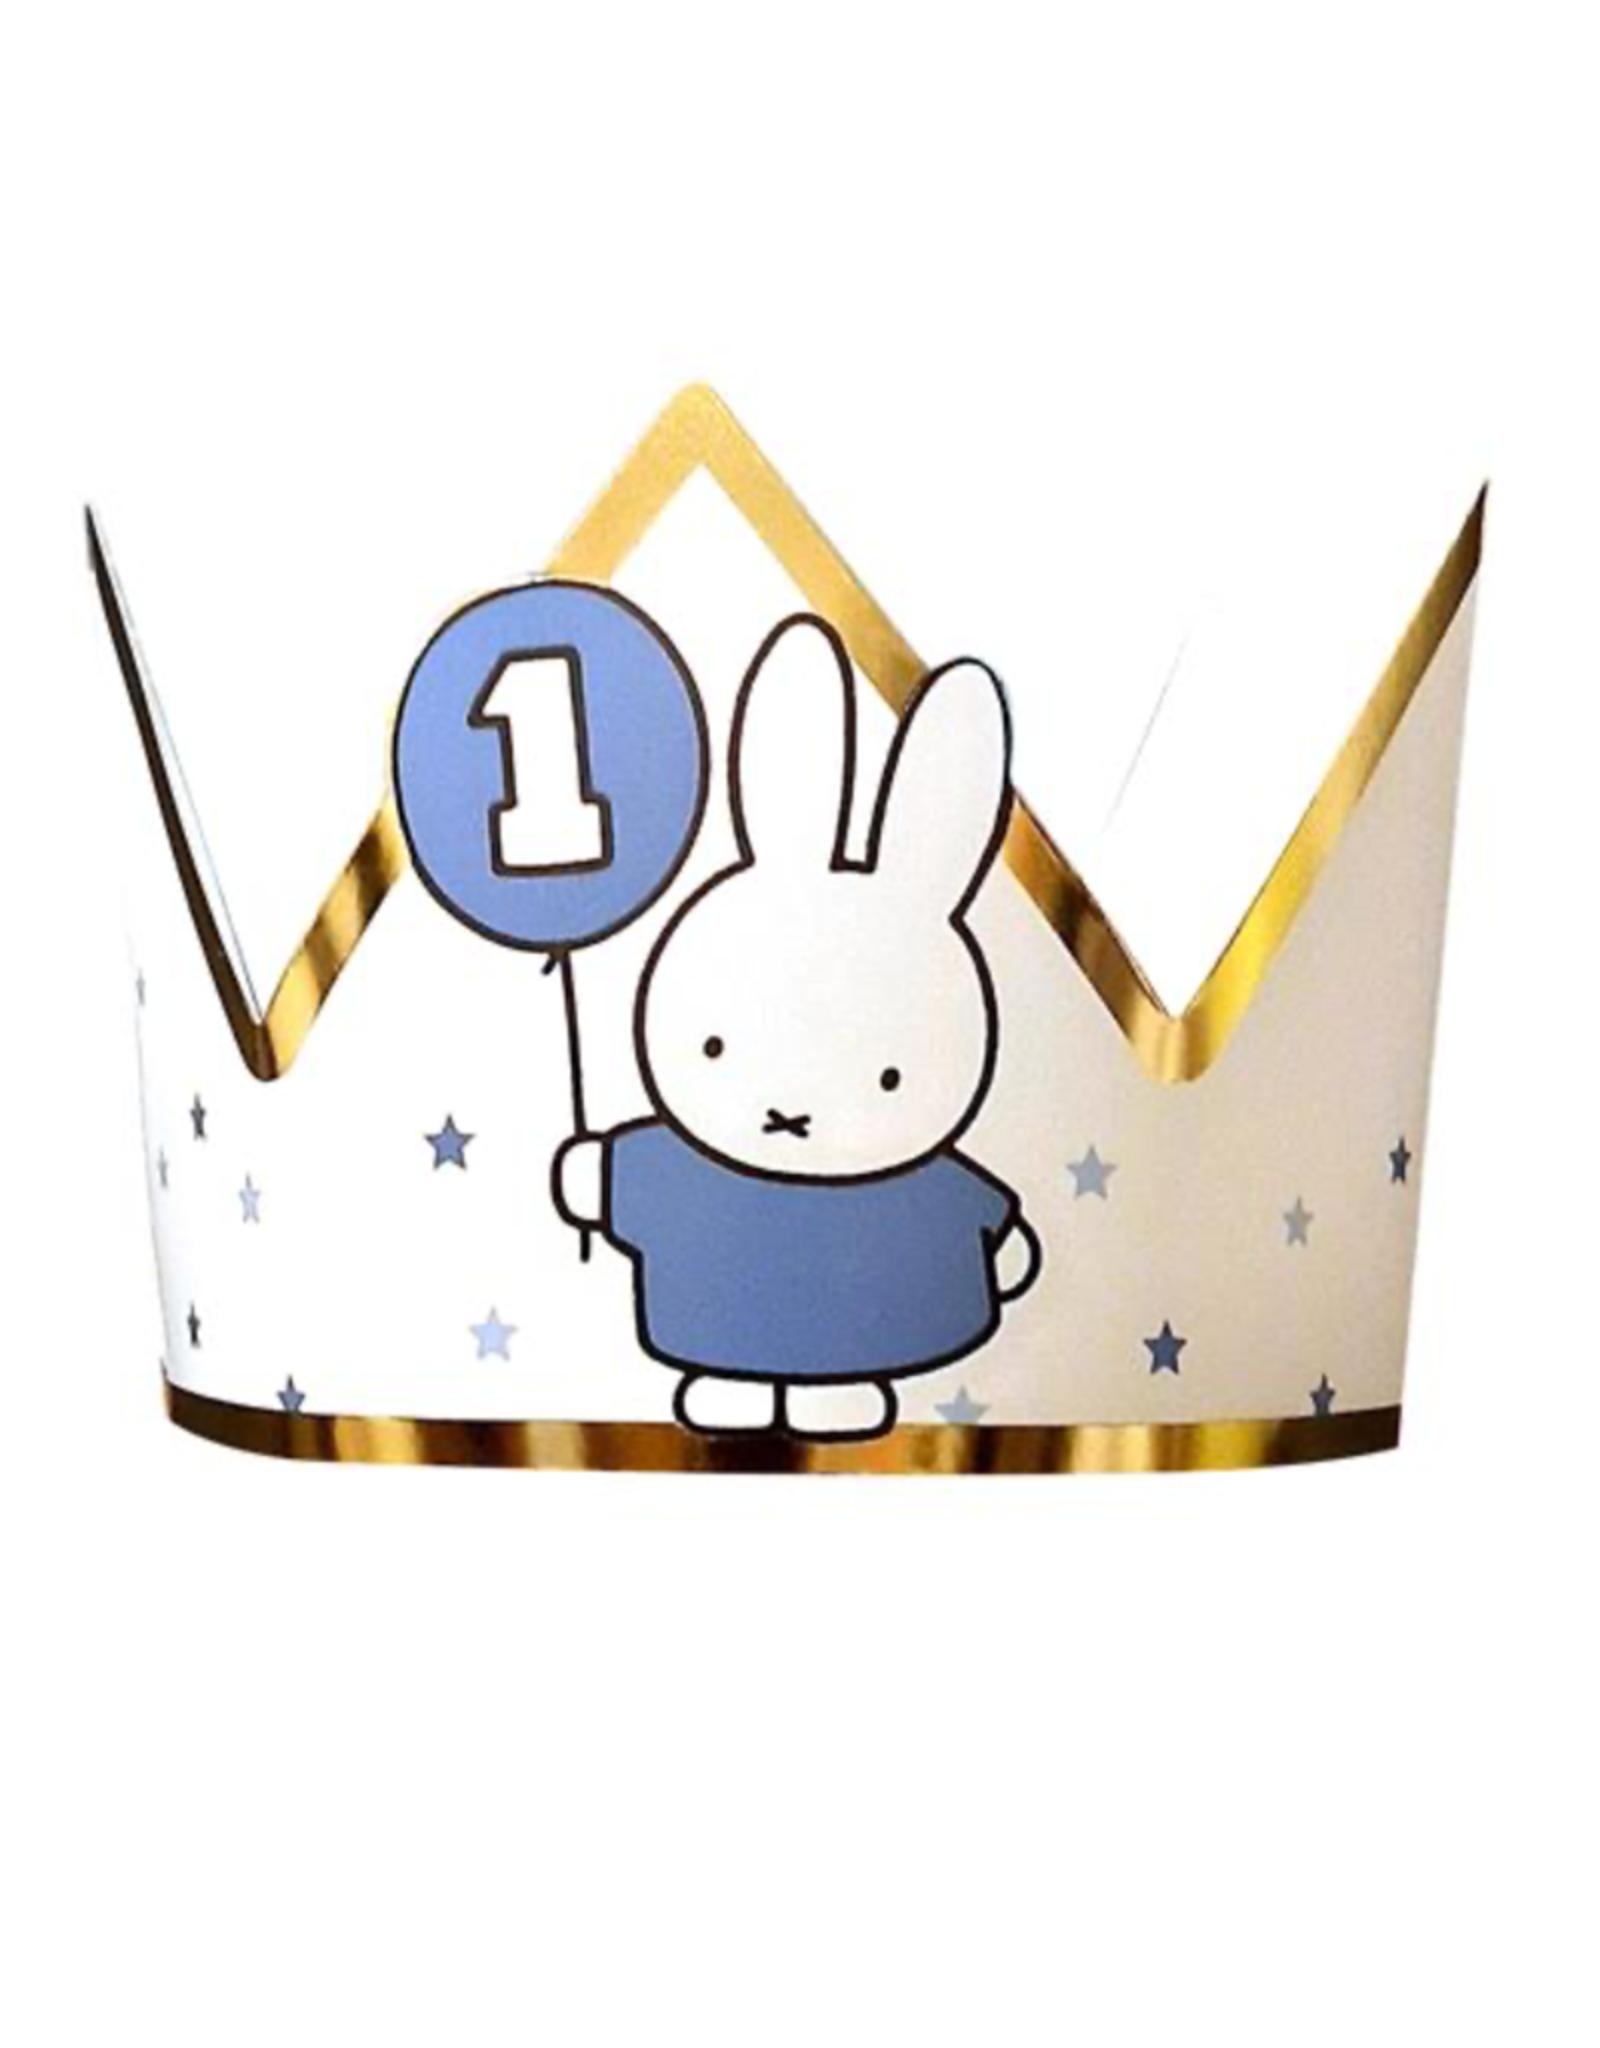 HAZA Kroontje Nijntje 1 jaar blauw & goud